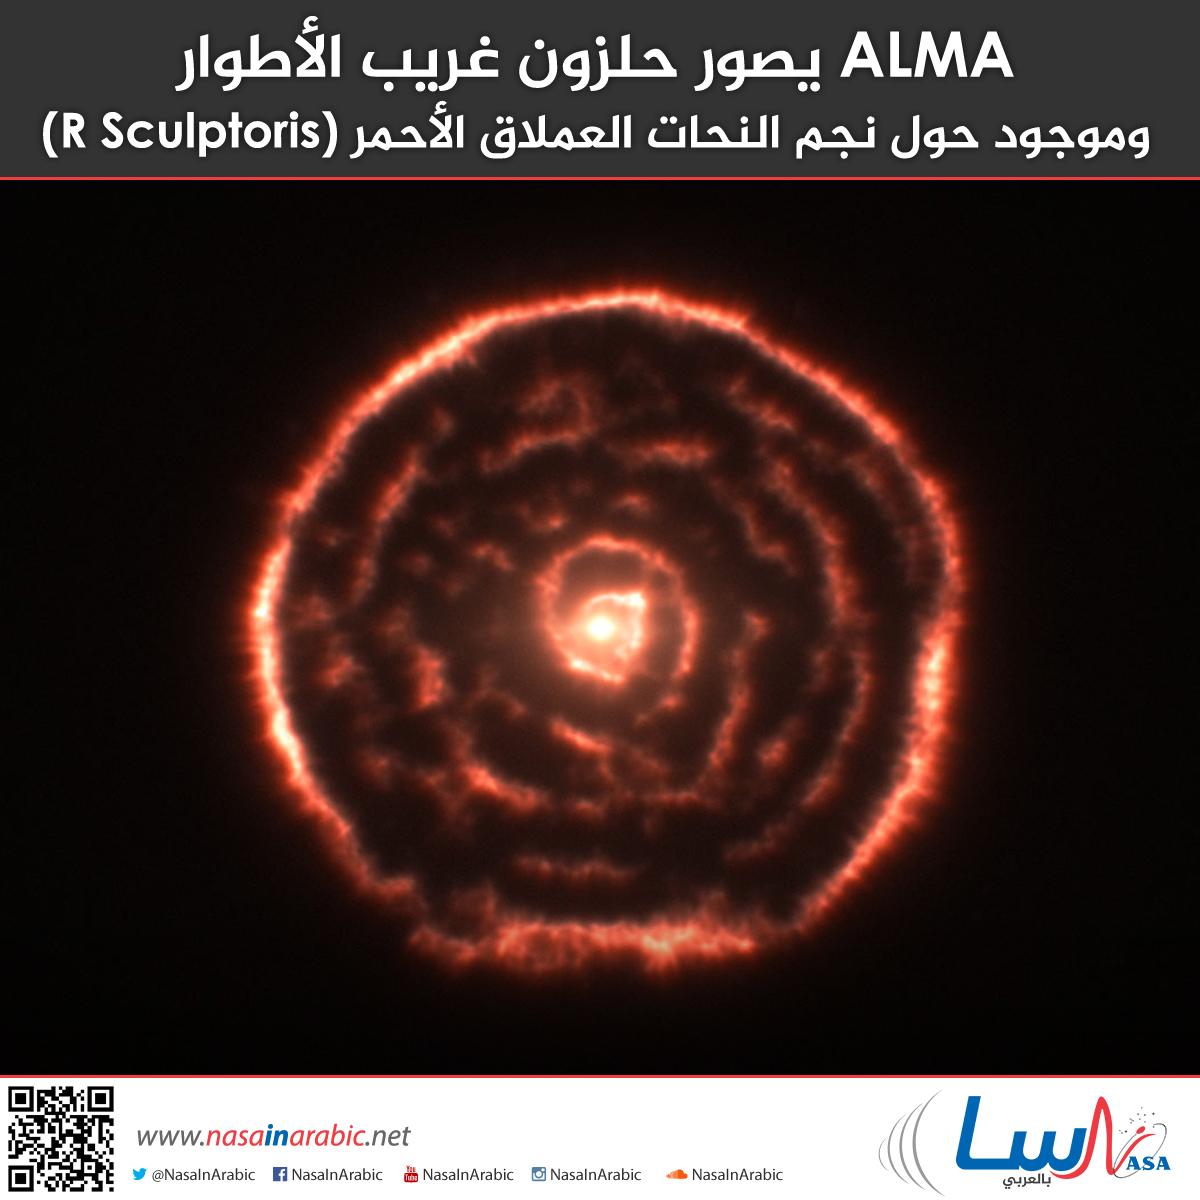 ALMA يصور حلزون غريب الأطوار وموجود حول نجم النحات العملاق الأحمر (R Sculptoris)